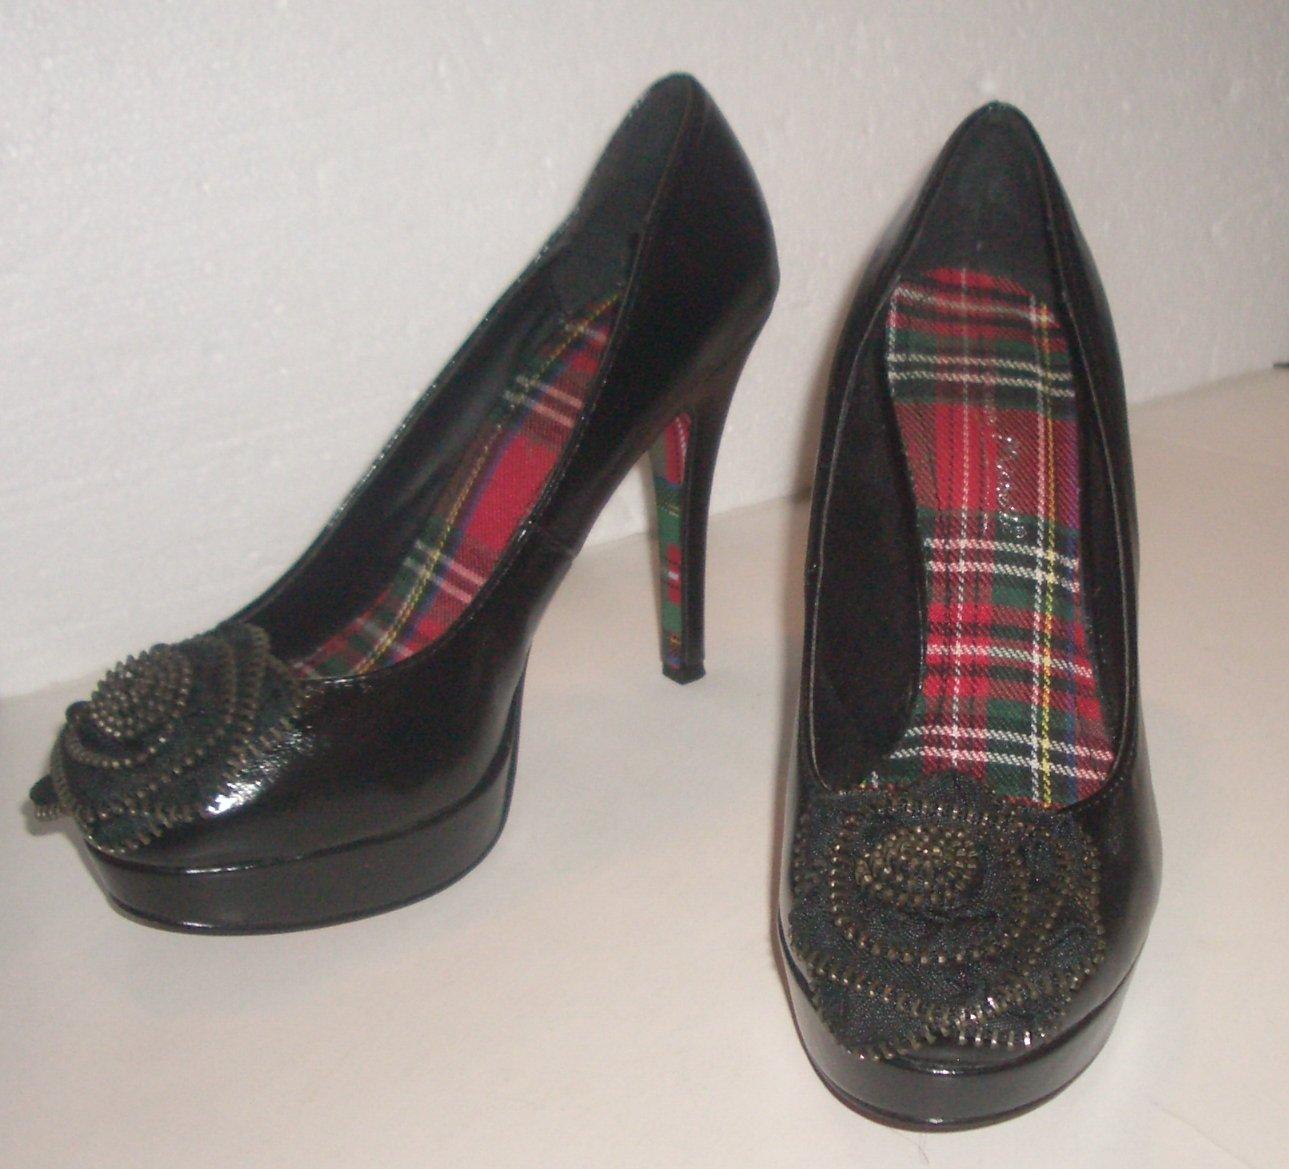 Anne Michelle Black Platform Pumps Shoes Size 6